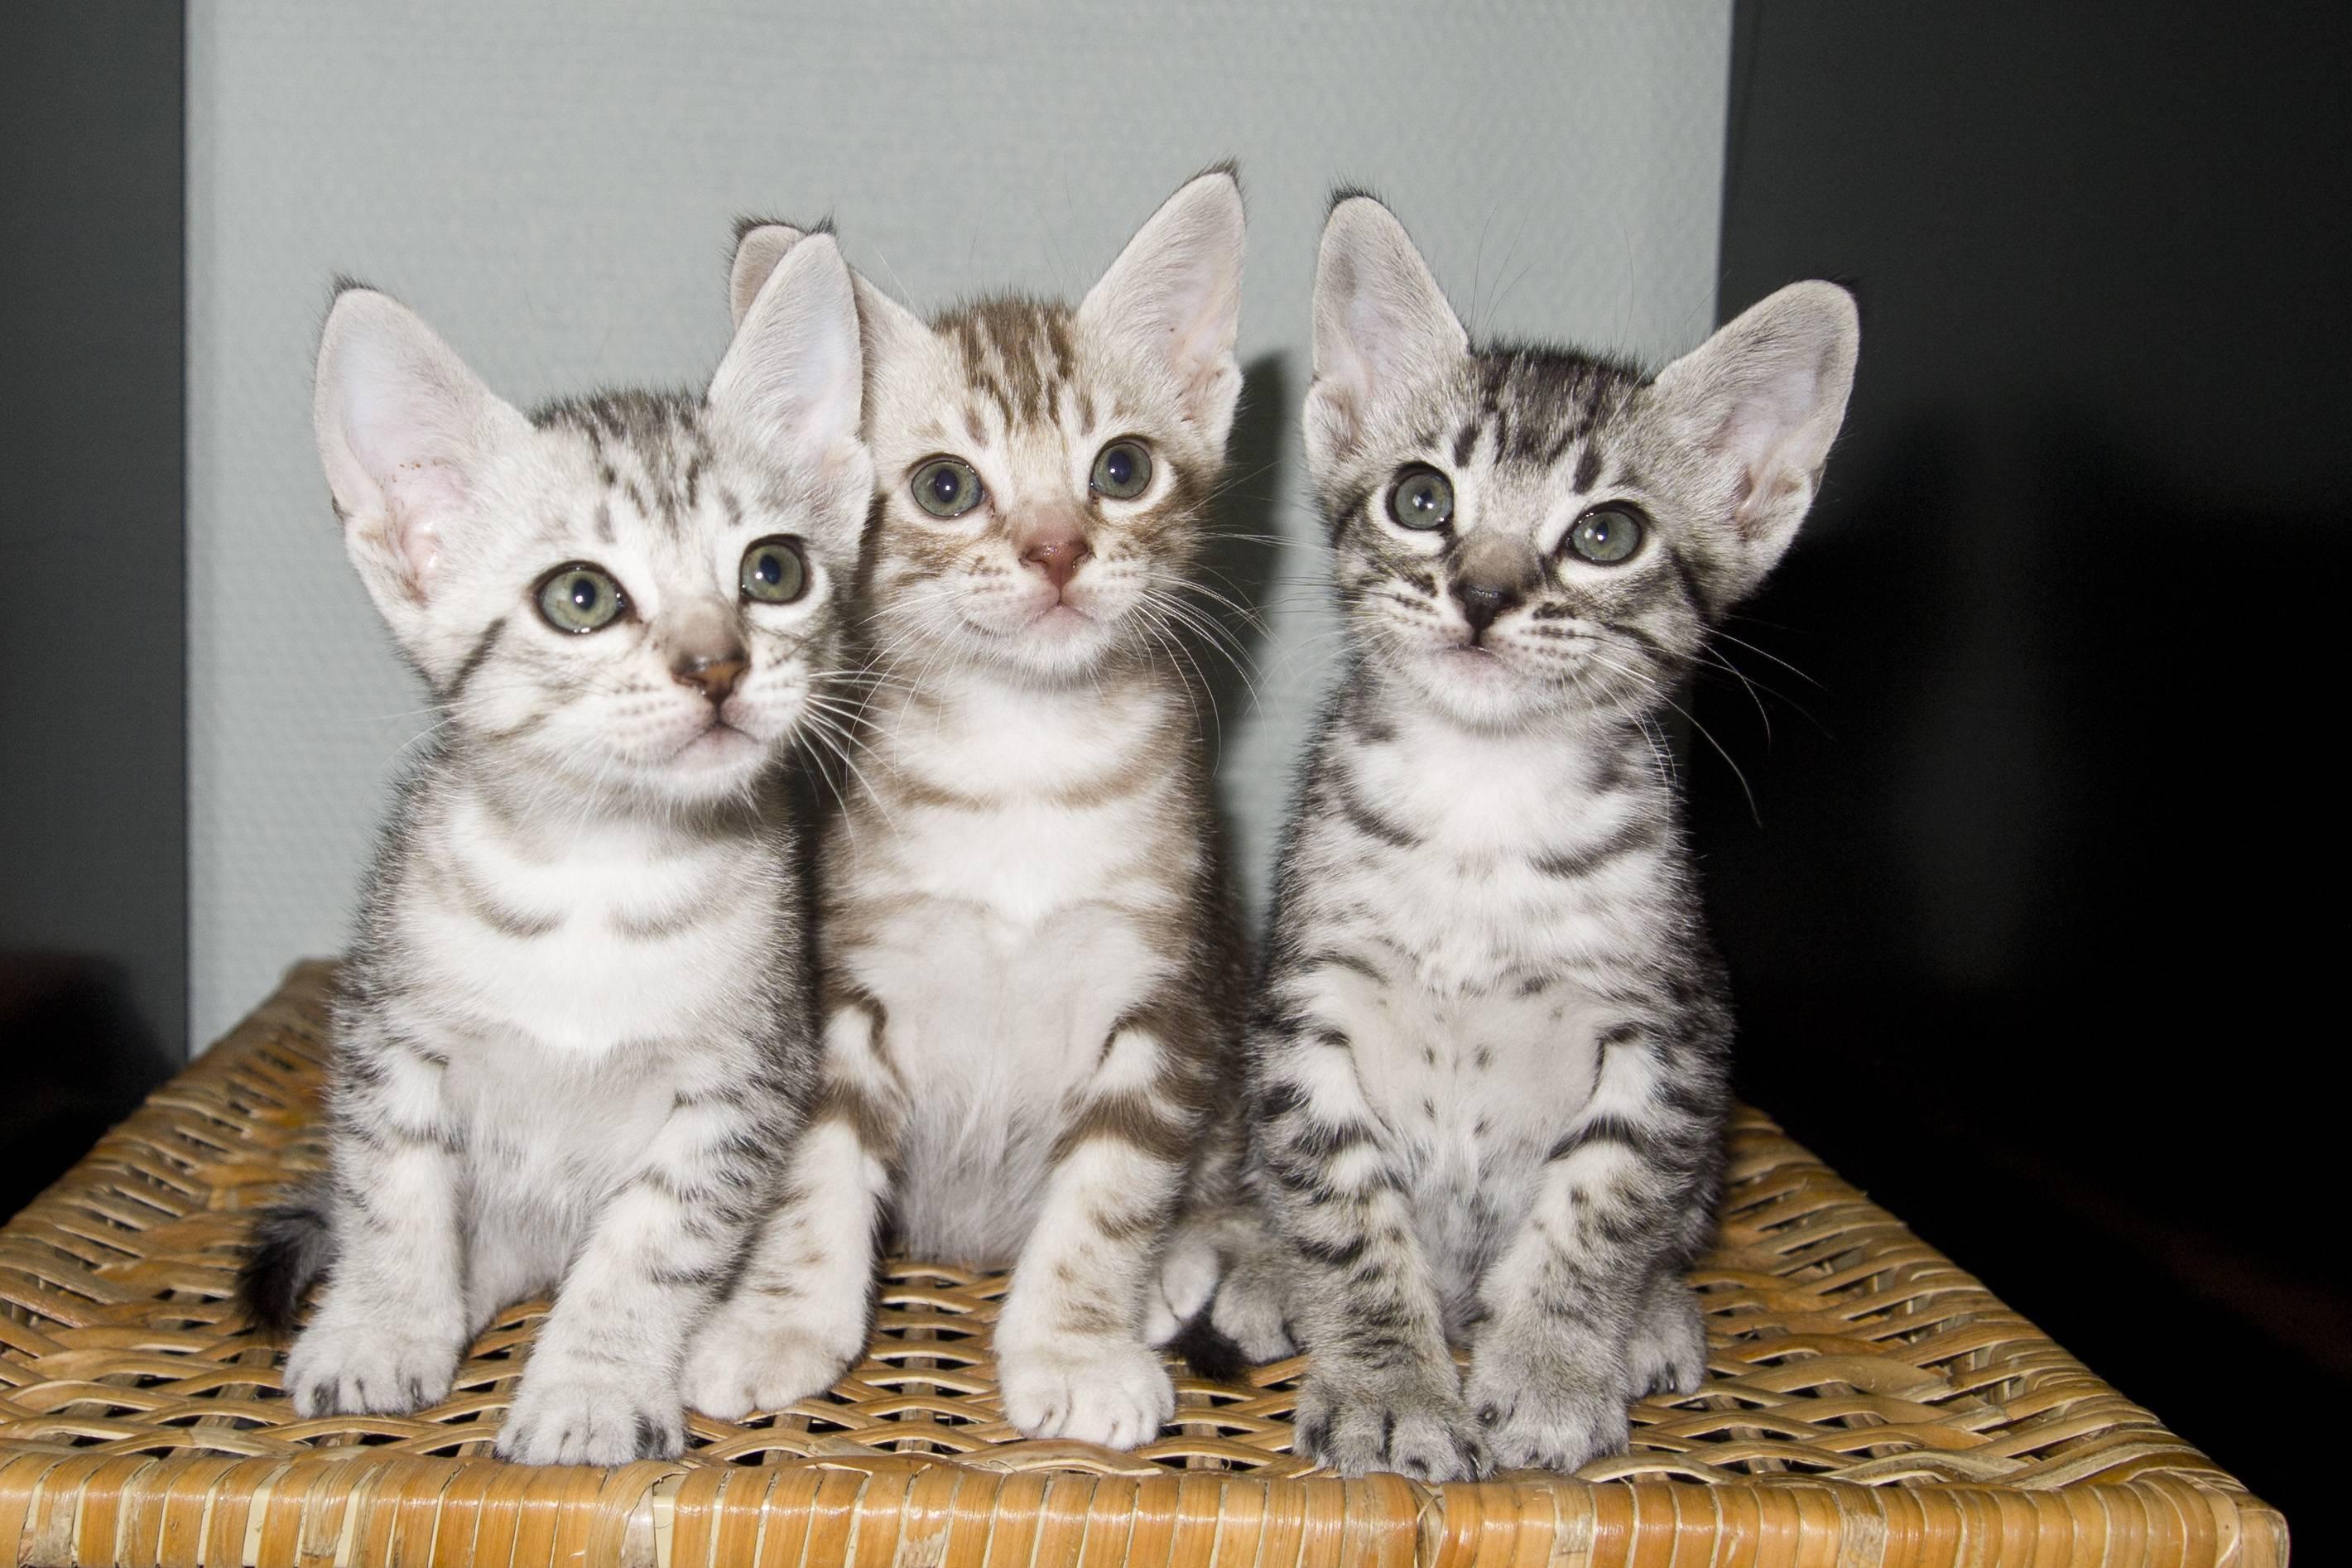 Недорогие породы кошек и их ориентировочная стоимость